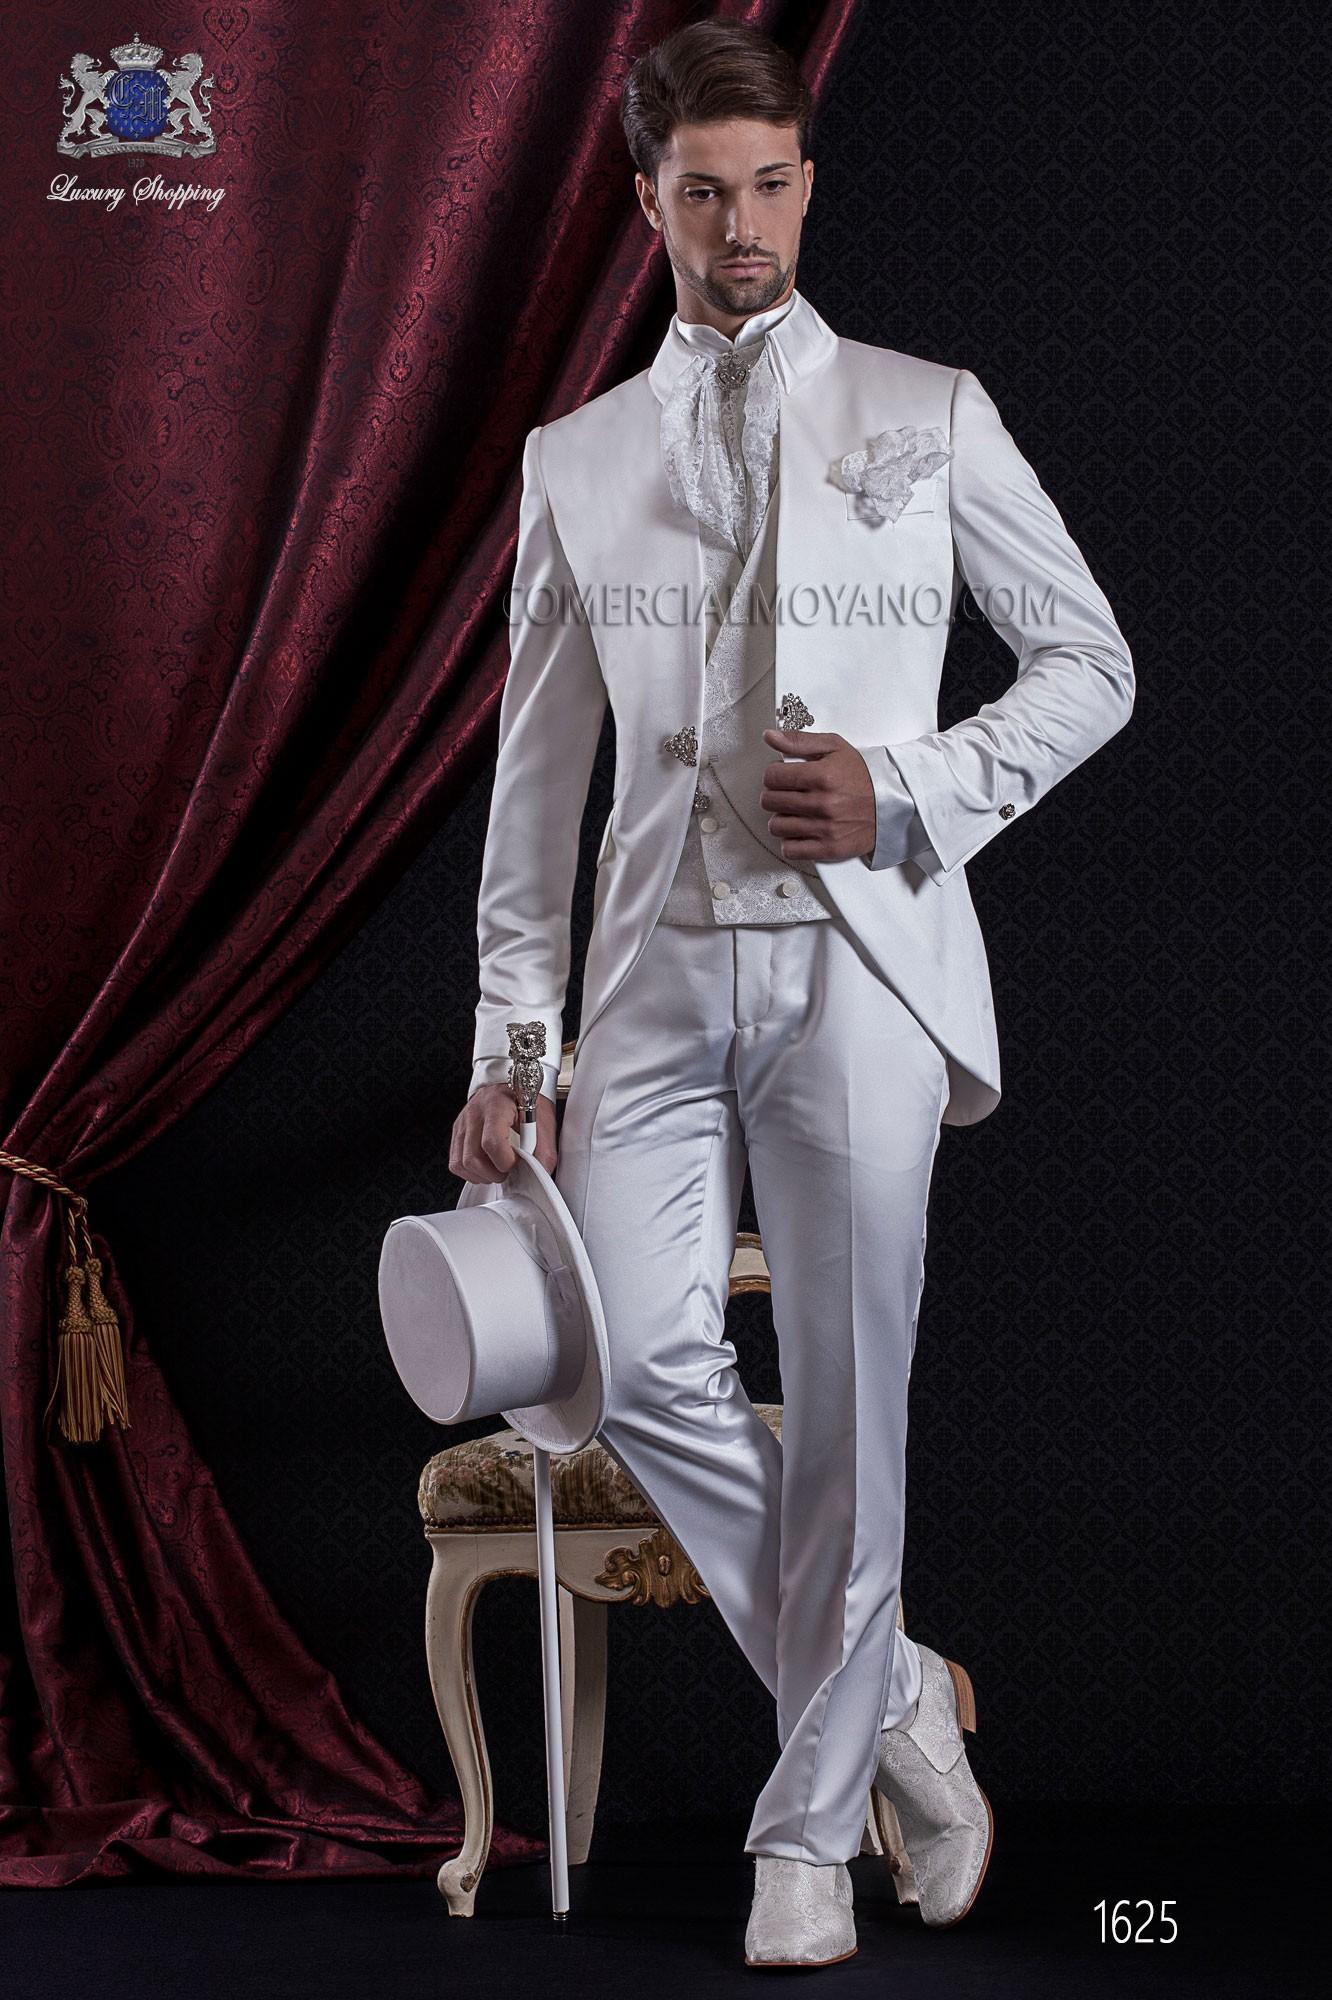 Satin Petit Italien Tissu Ami Manteau Blanc Suit Baroque De 0ZB6wn